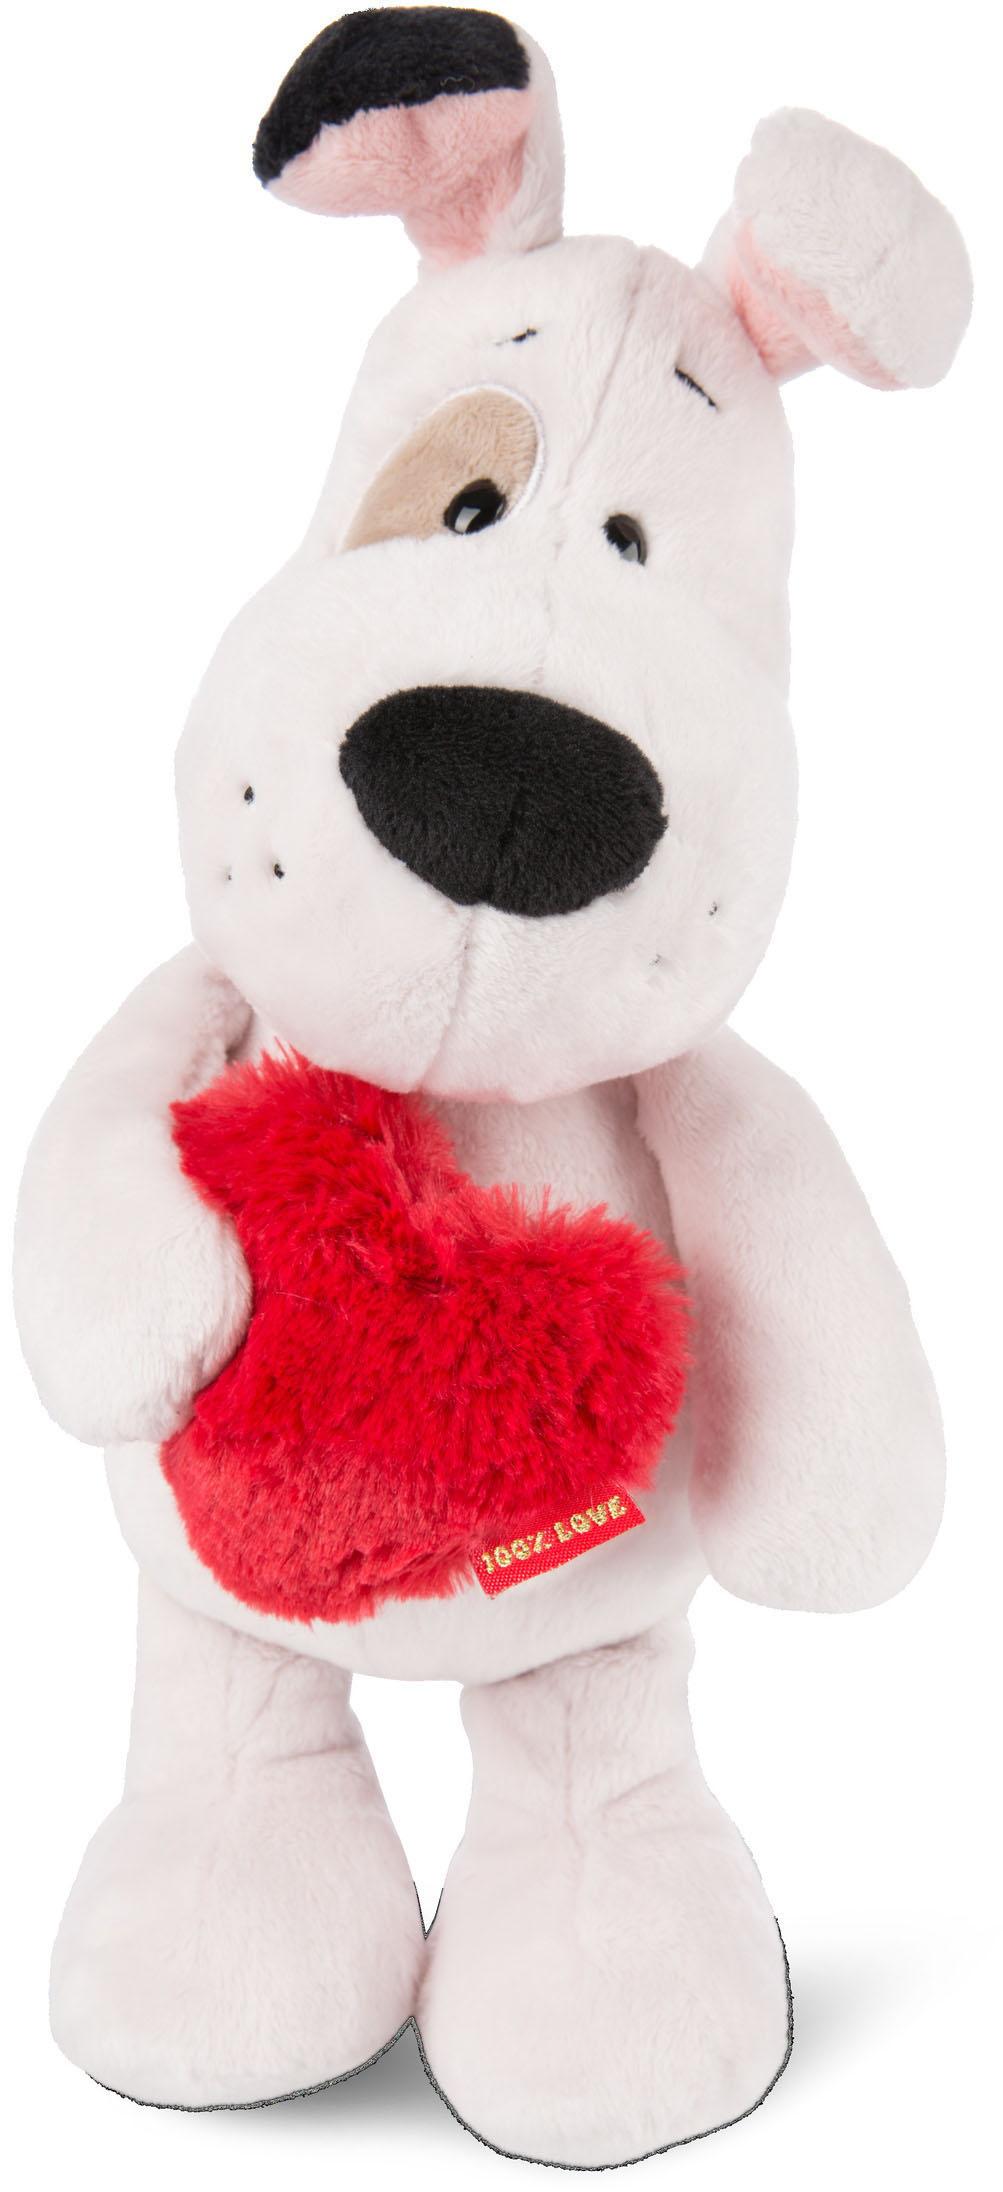 Nici Kuscheltier Love Classics, Hund, 27 cm weiß Kinder Plüschtiere Kuschel-